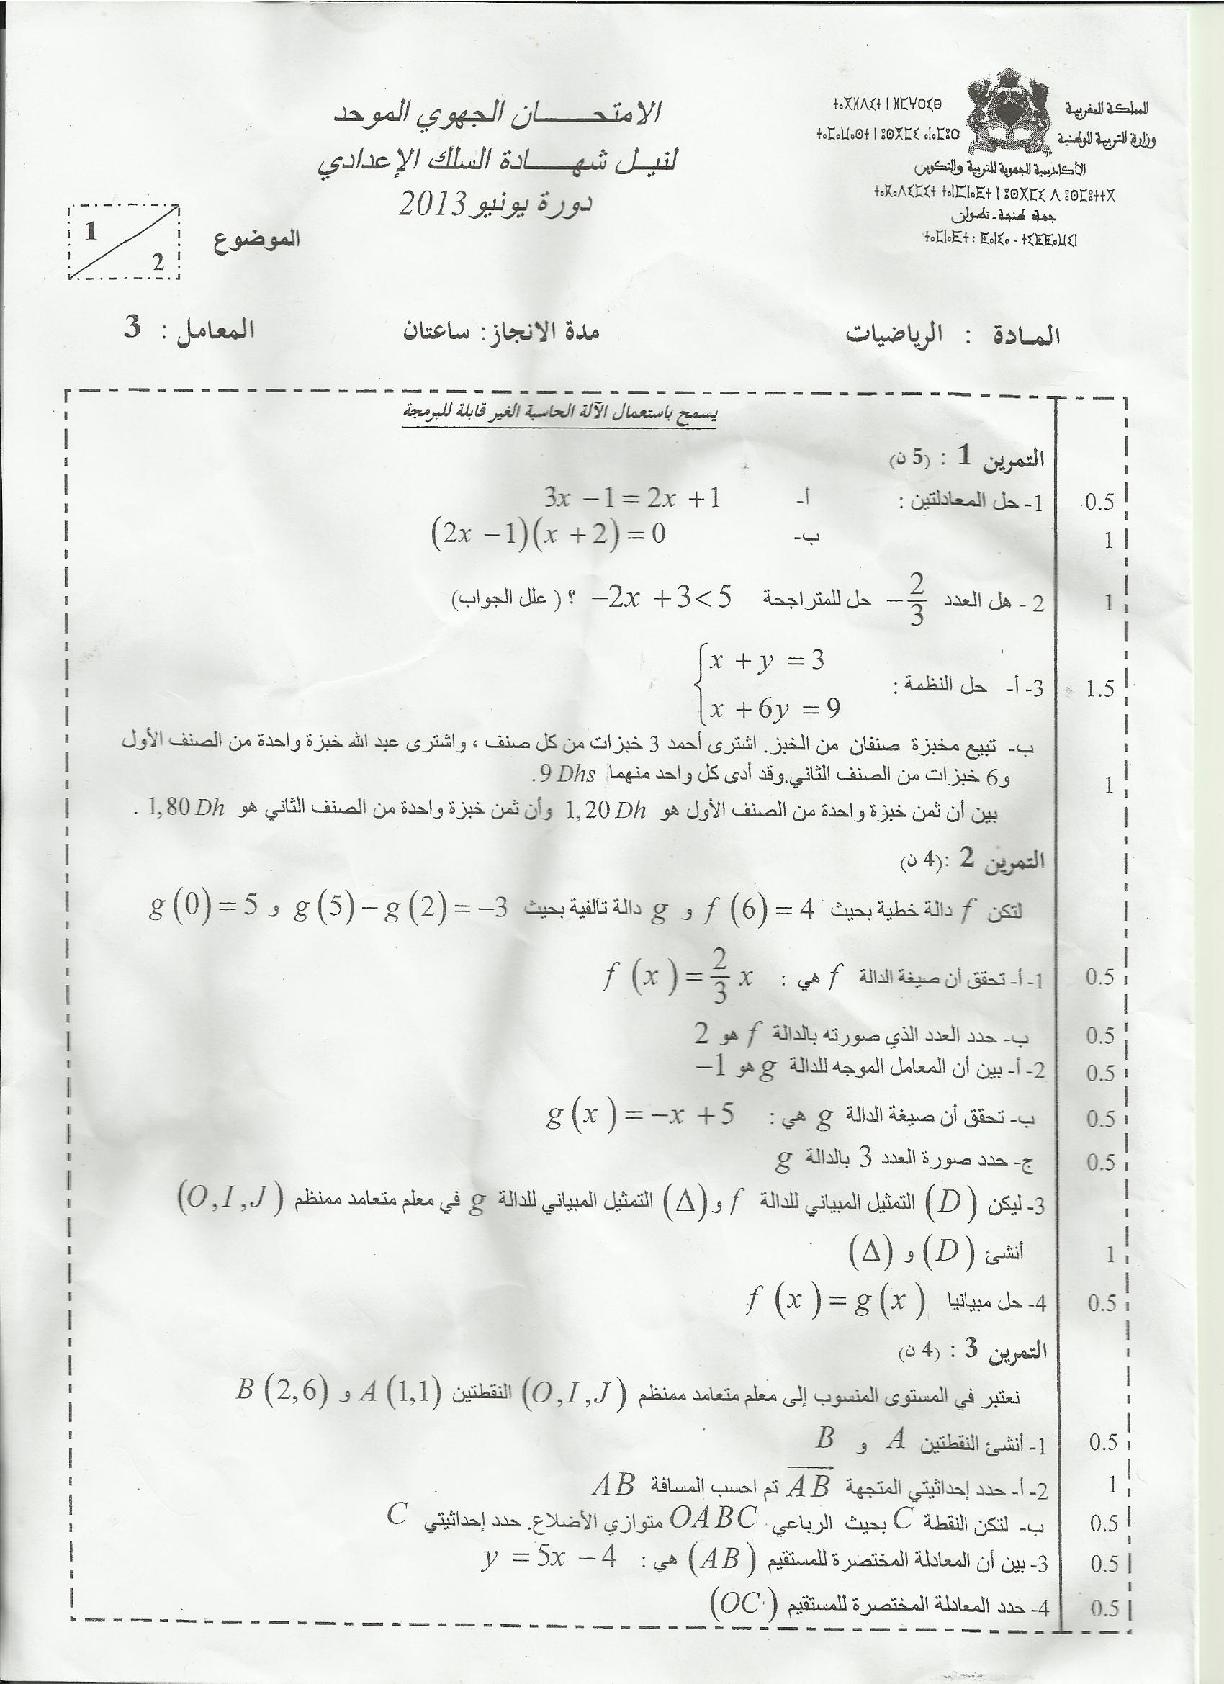 الامتحان الجهوي الموحد لنيل شهادة السلك الإعدادي لجهة طنجة تطوان